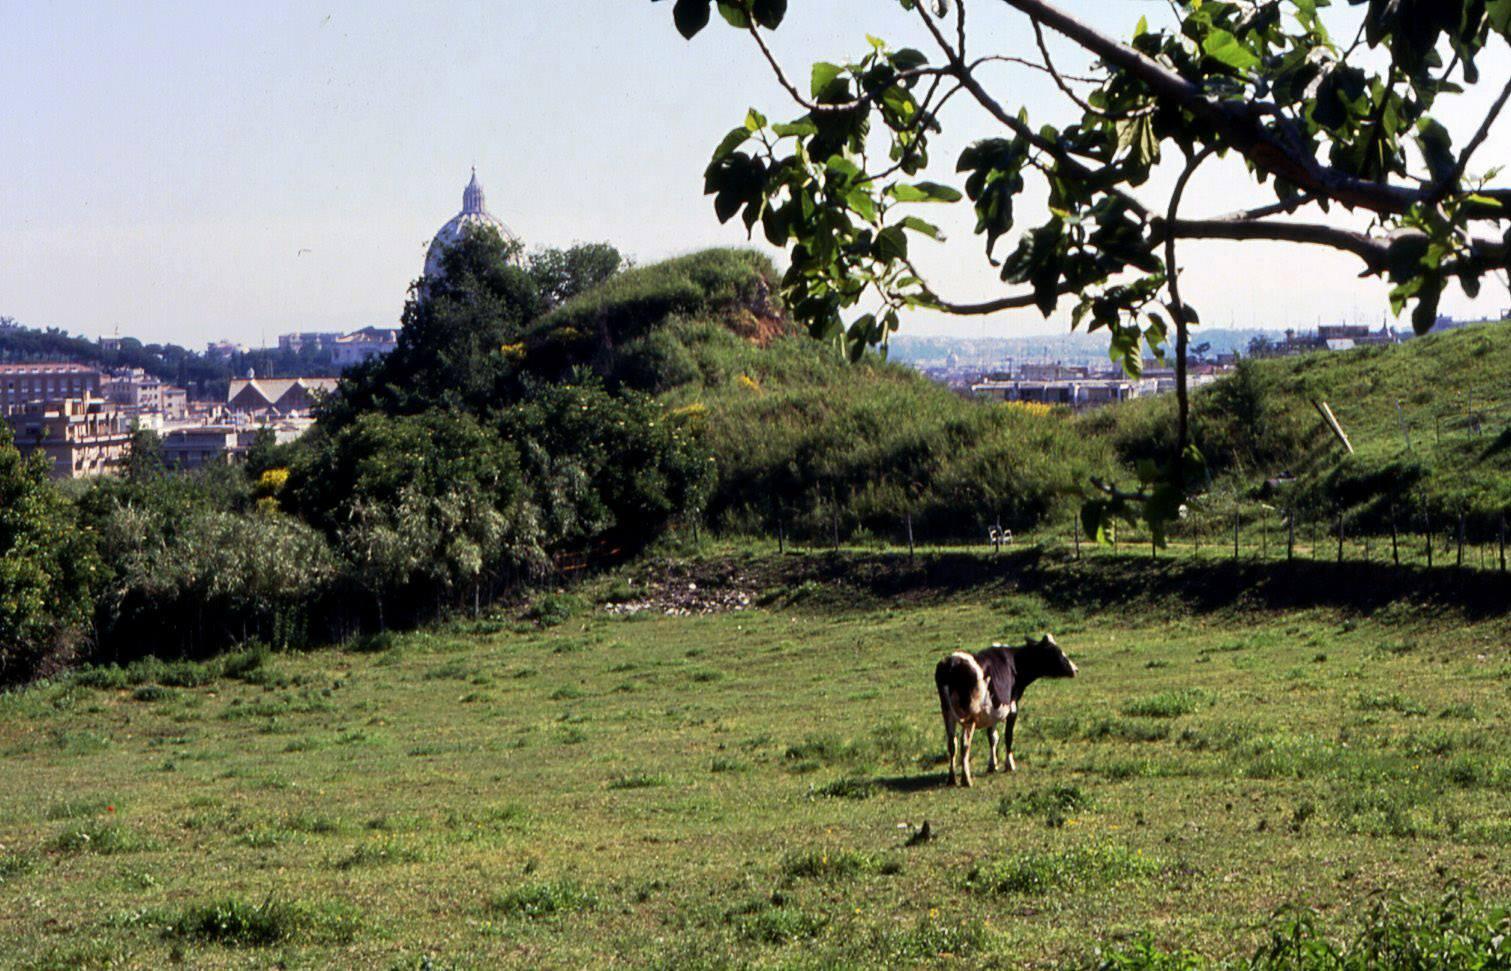 Uno scorcio di Parco Piccolomini